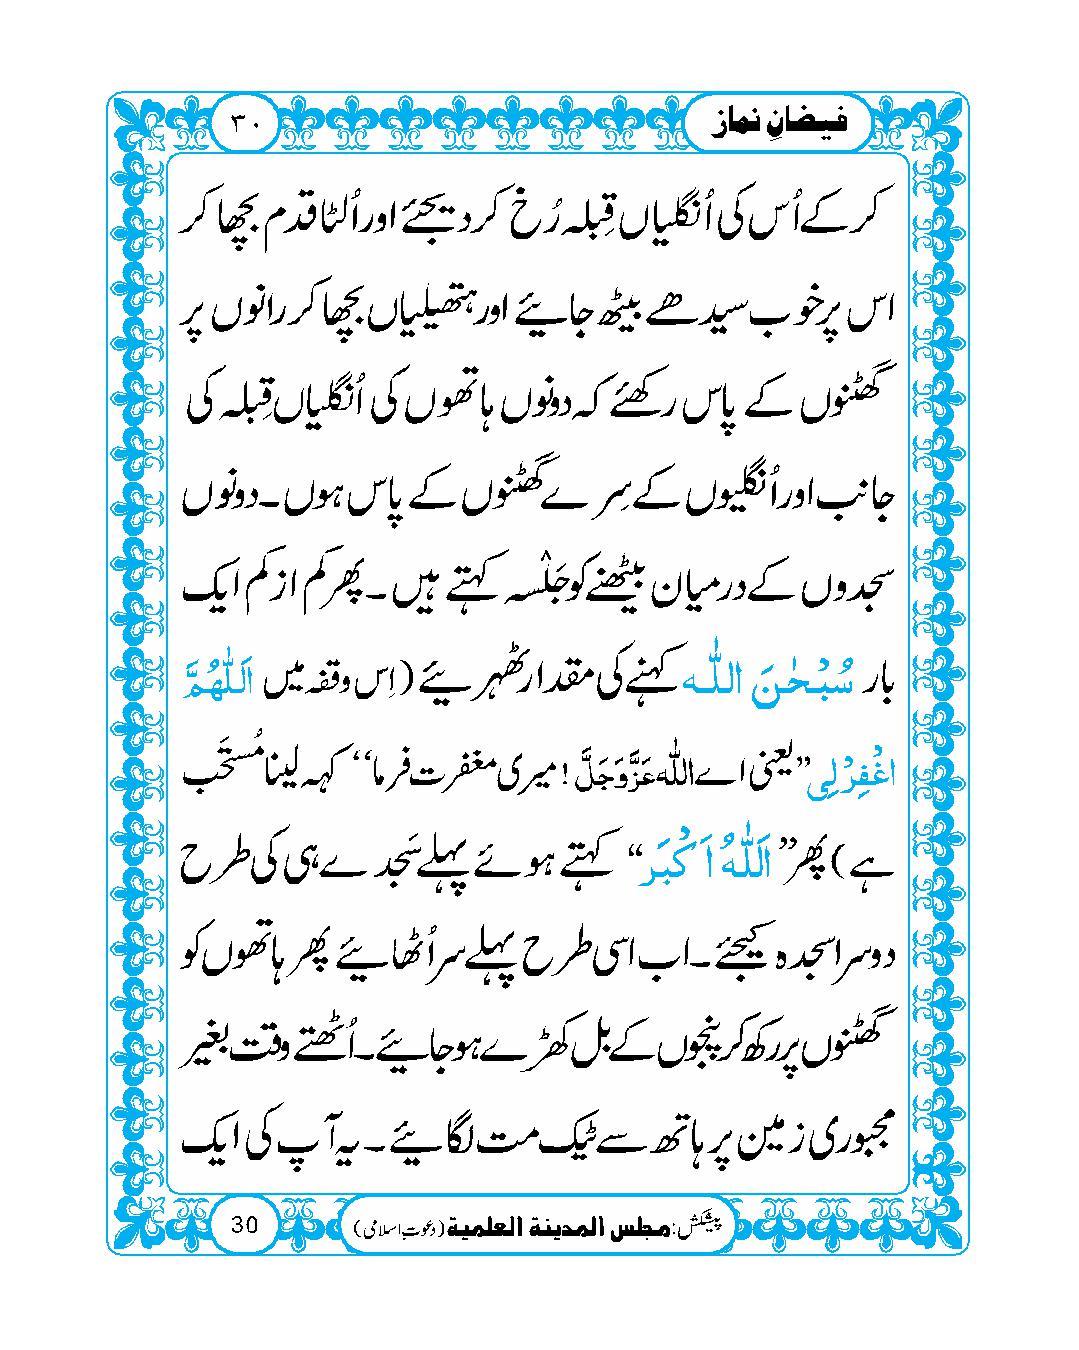 page No 30